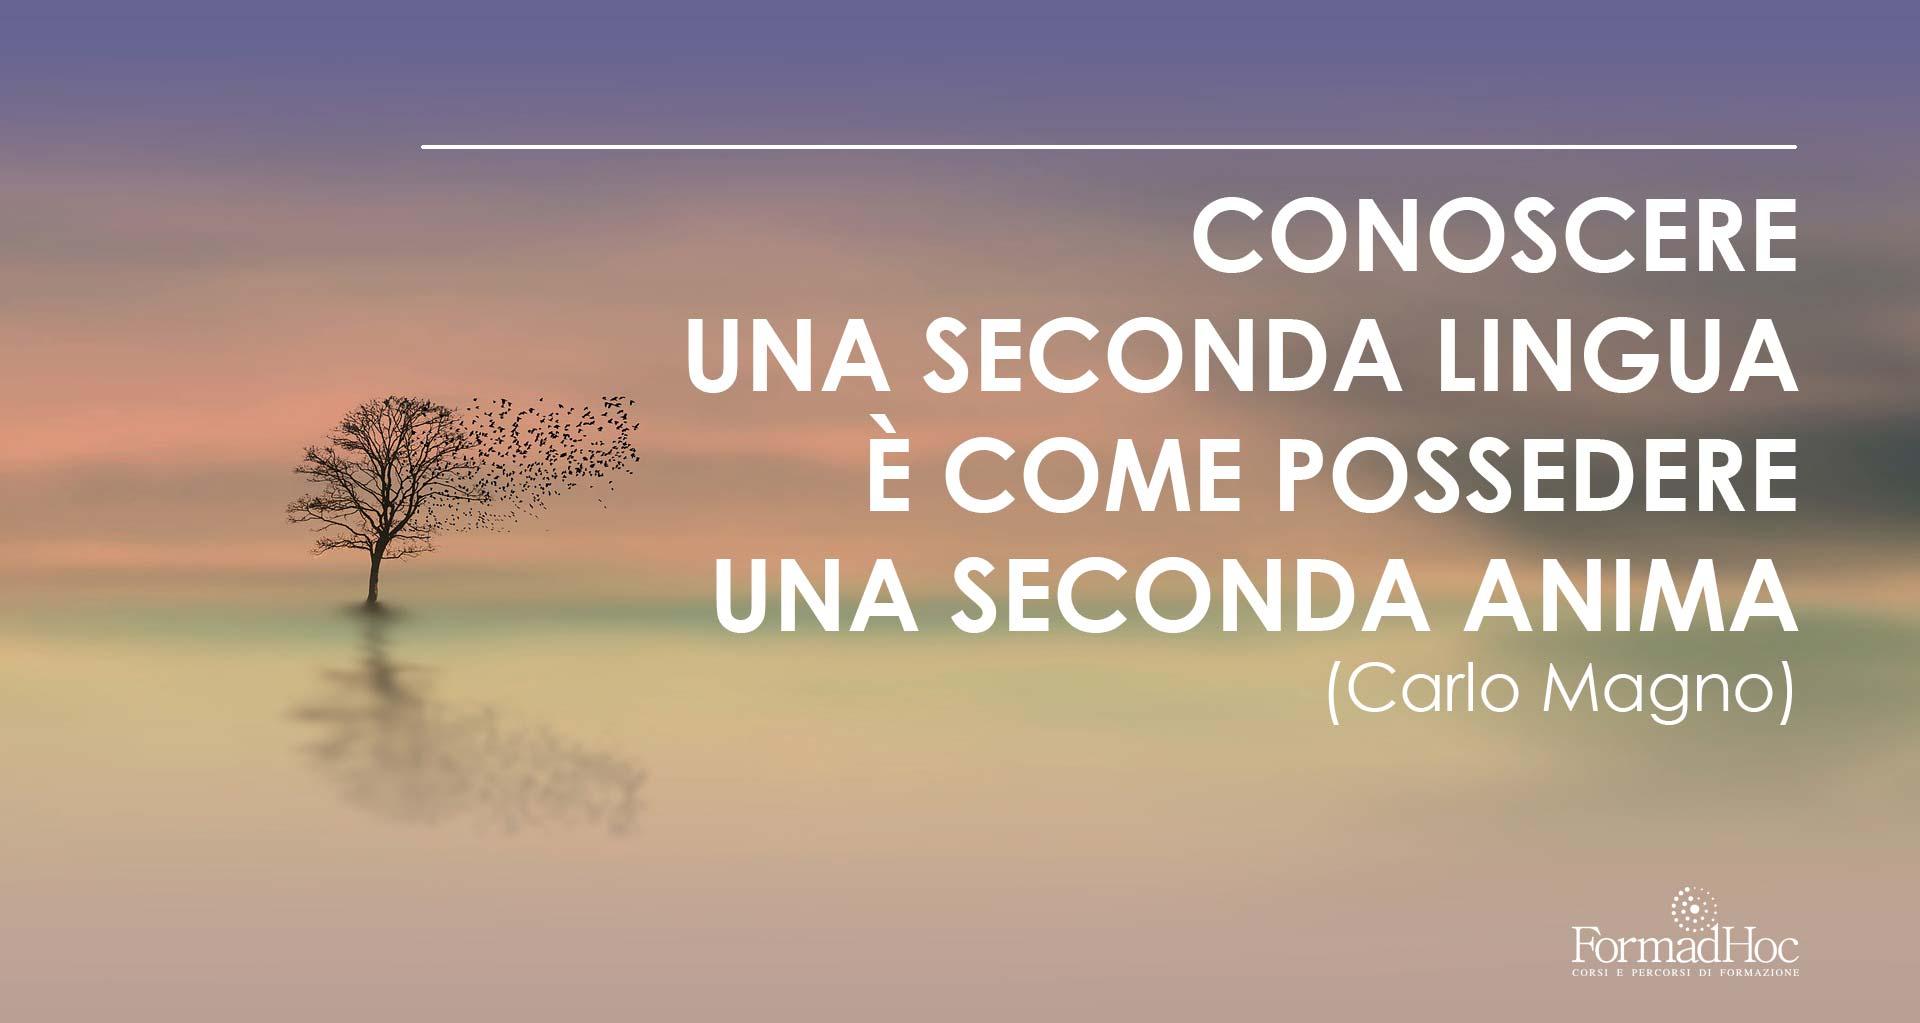 Conoscere una seconda lingua è come possedere una seconda anima (Carlo Magno).